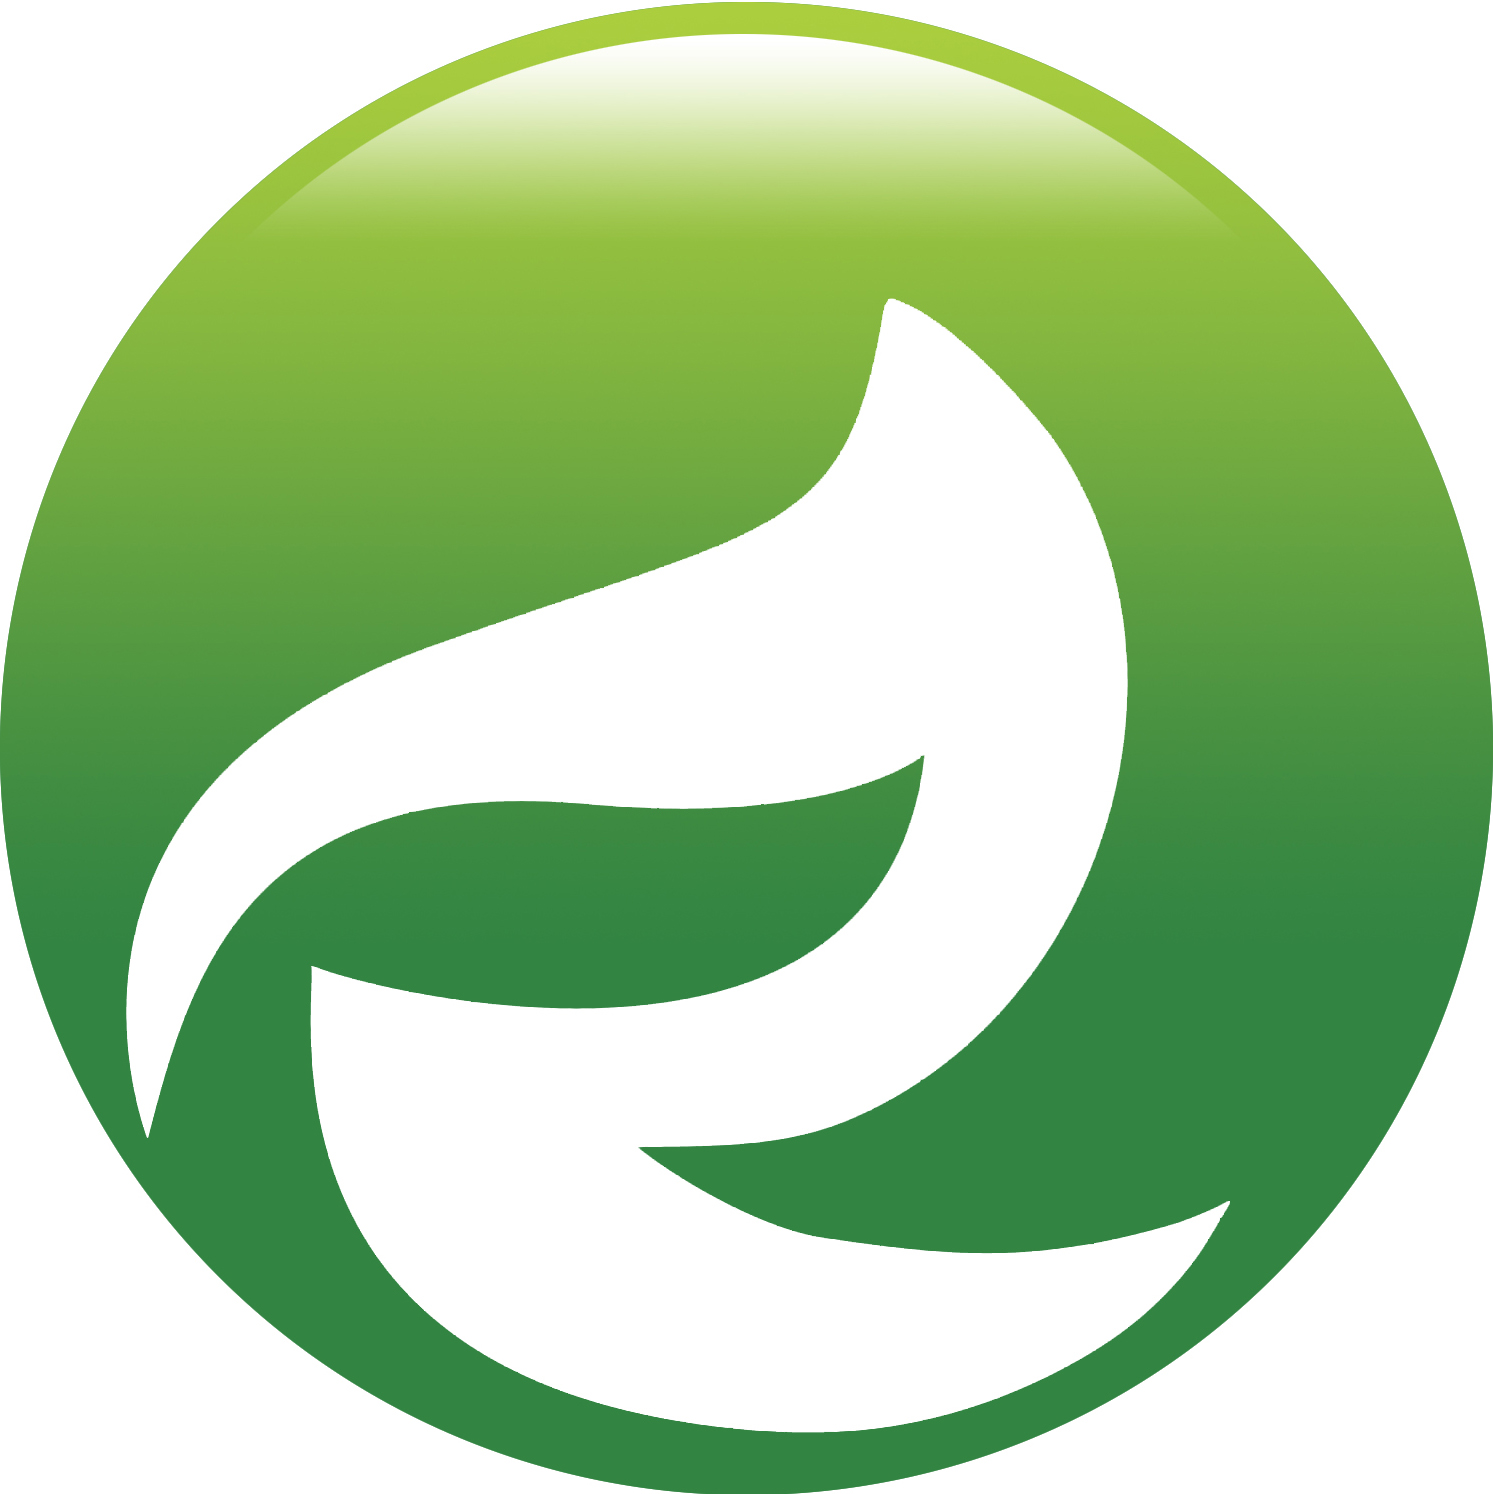 logo logo 标志 设计 矢量 矢量图 素材 图标 1493_1494